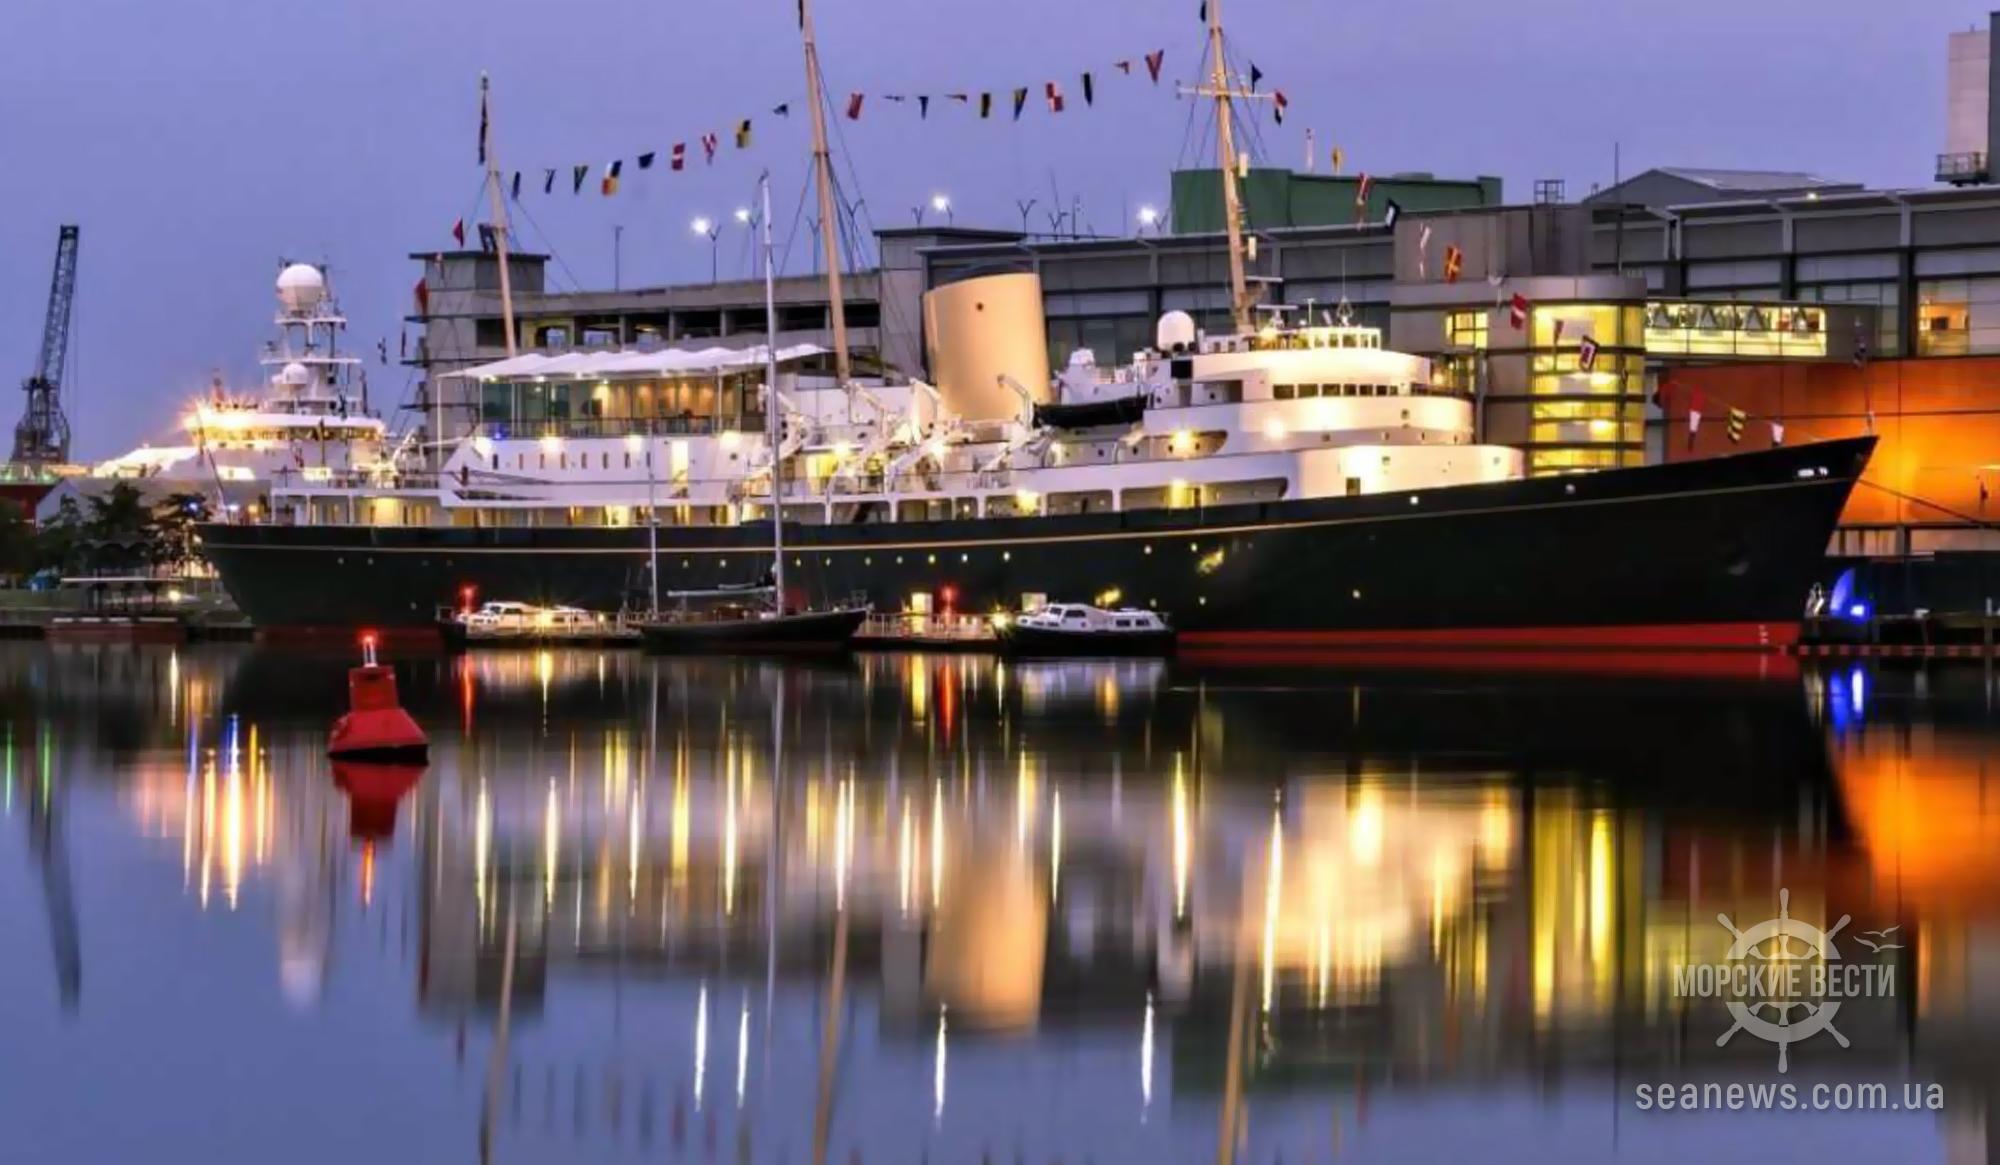 В Великобритании построят королевскую яхту за 283 миллиона долларов